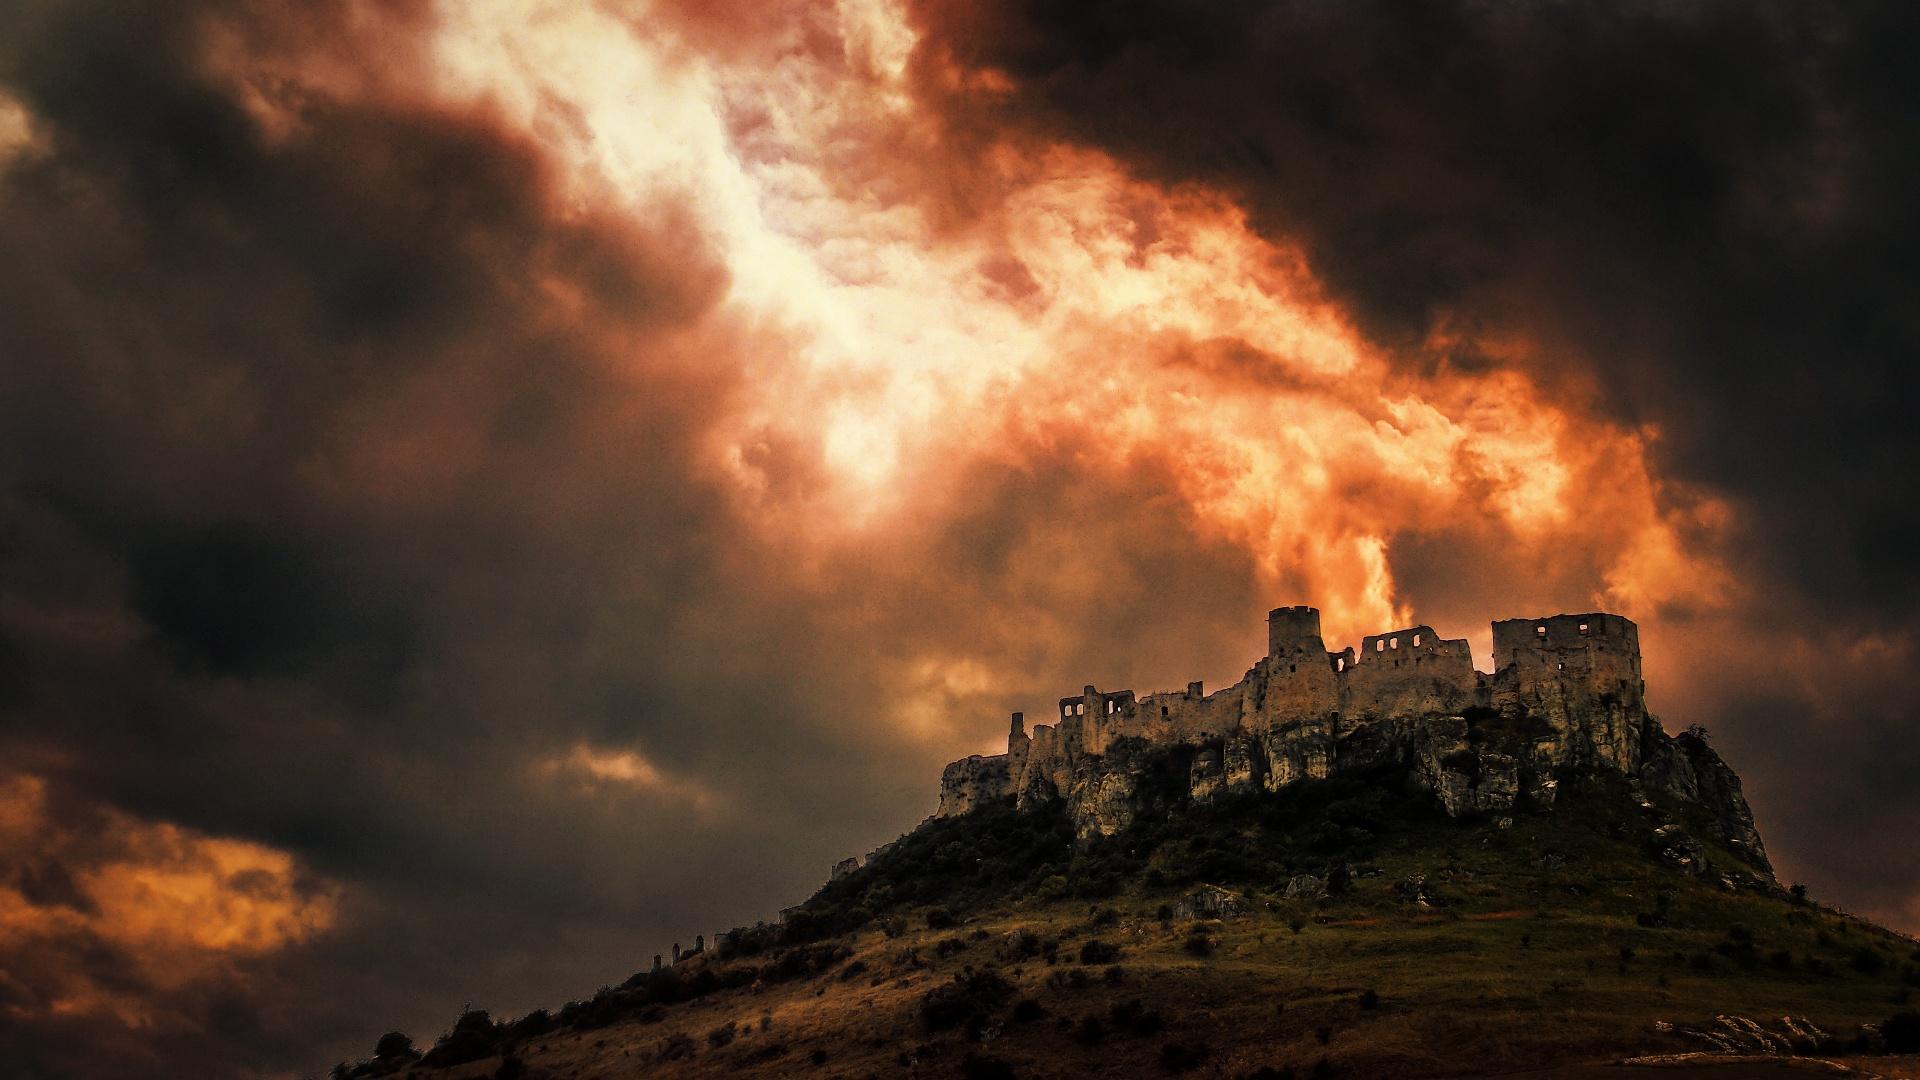 замки картинки в огнях строительство использованием пенобетонных